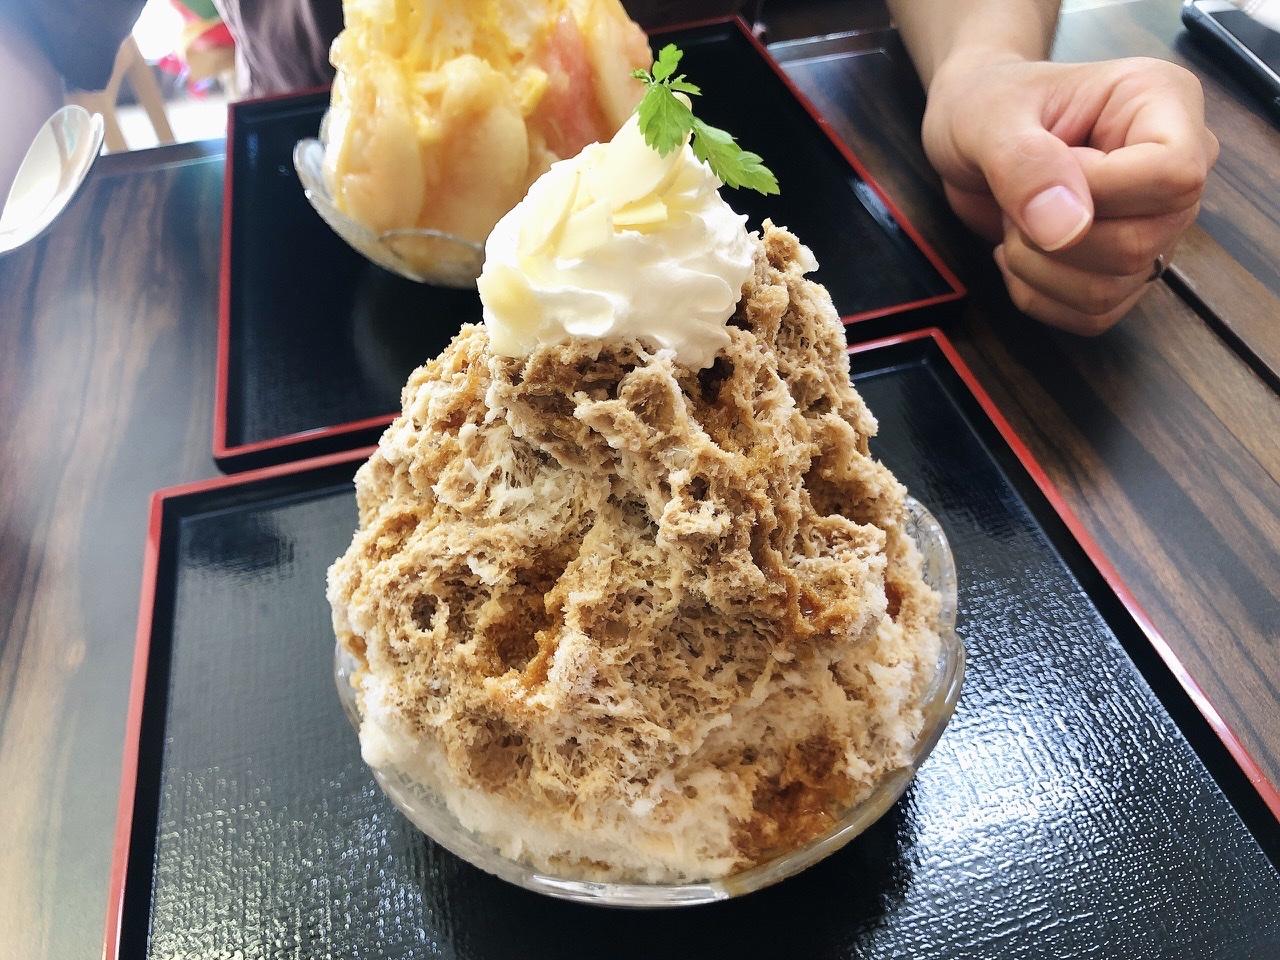 新栄|夏の間だけオープン!涼しげな古民家のかき氷専門店でいただくキャラメルミルク氷